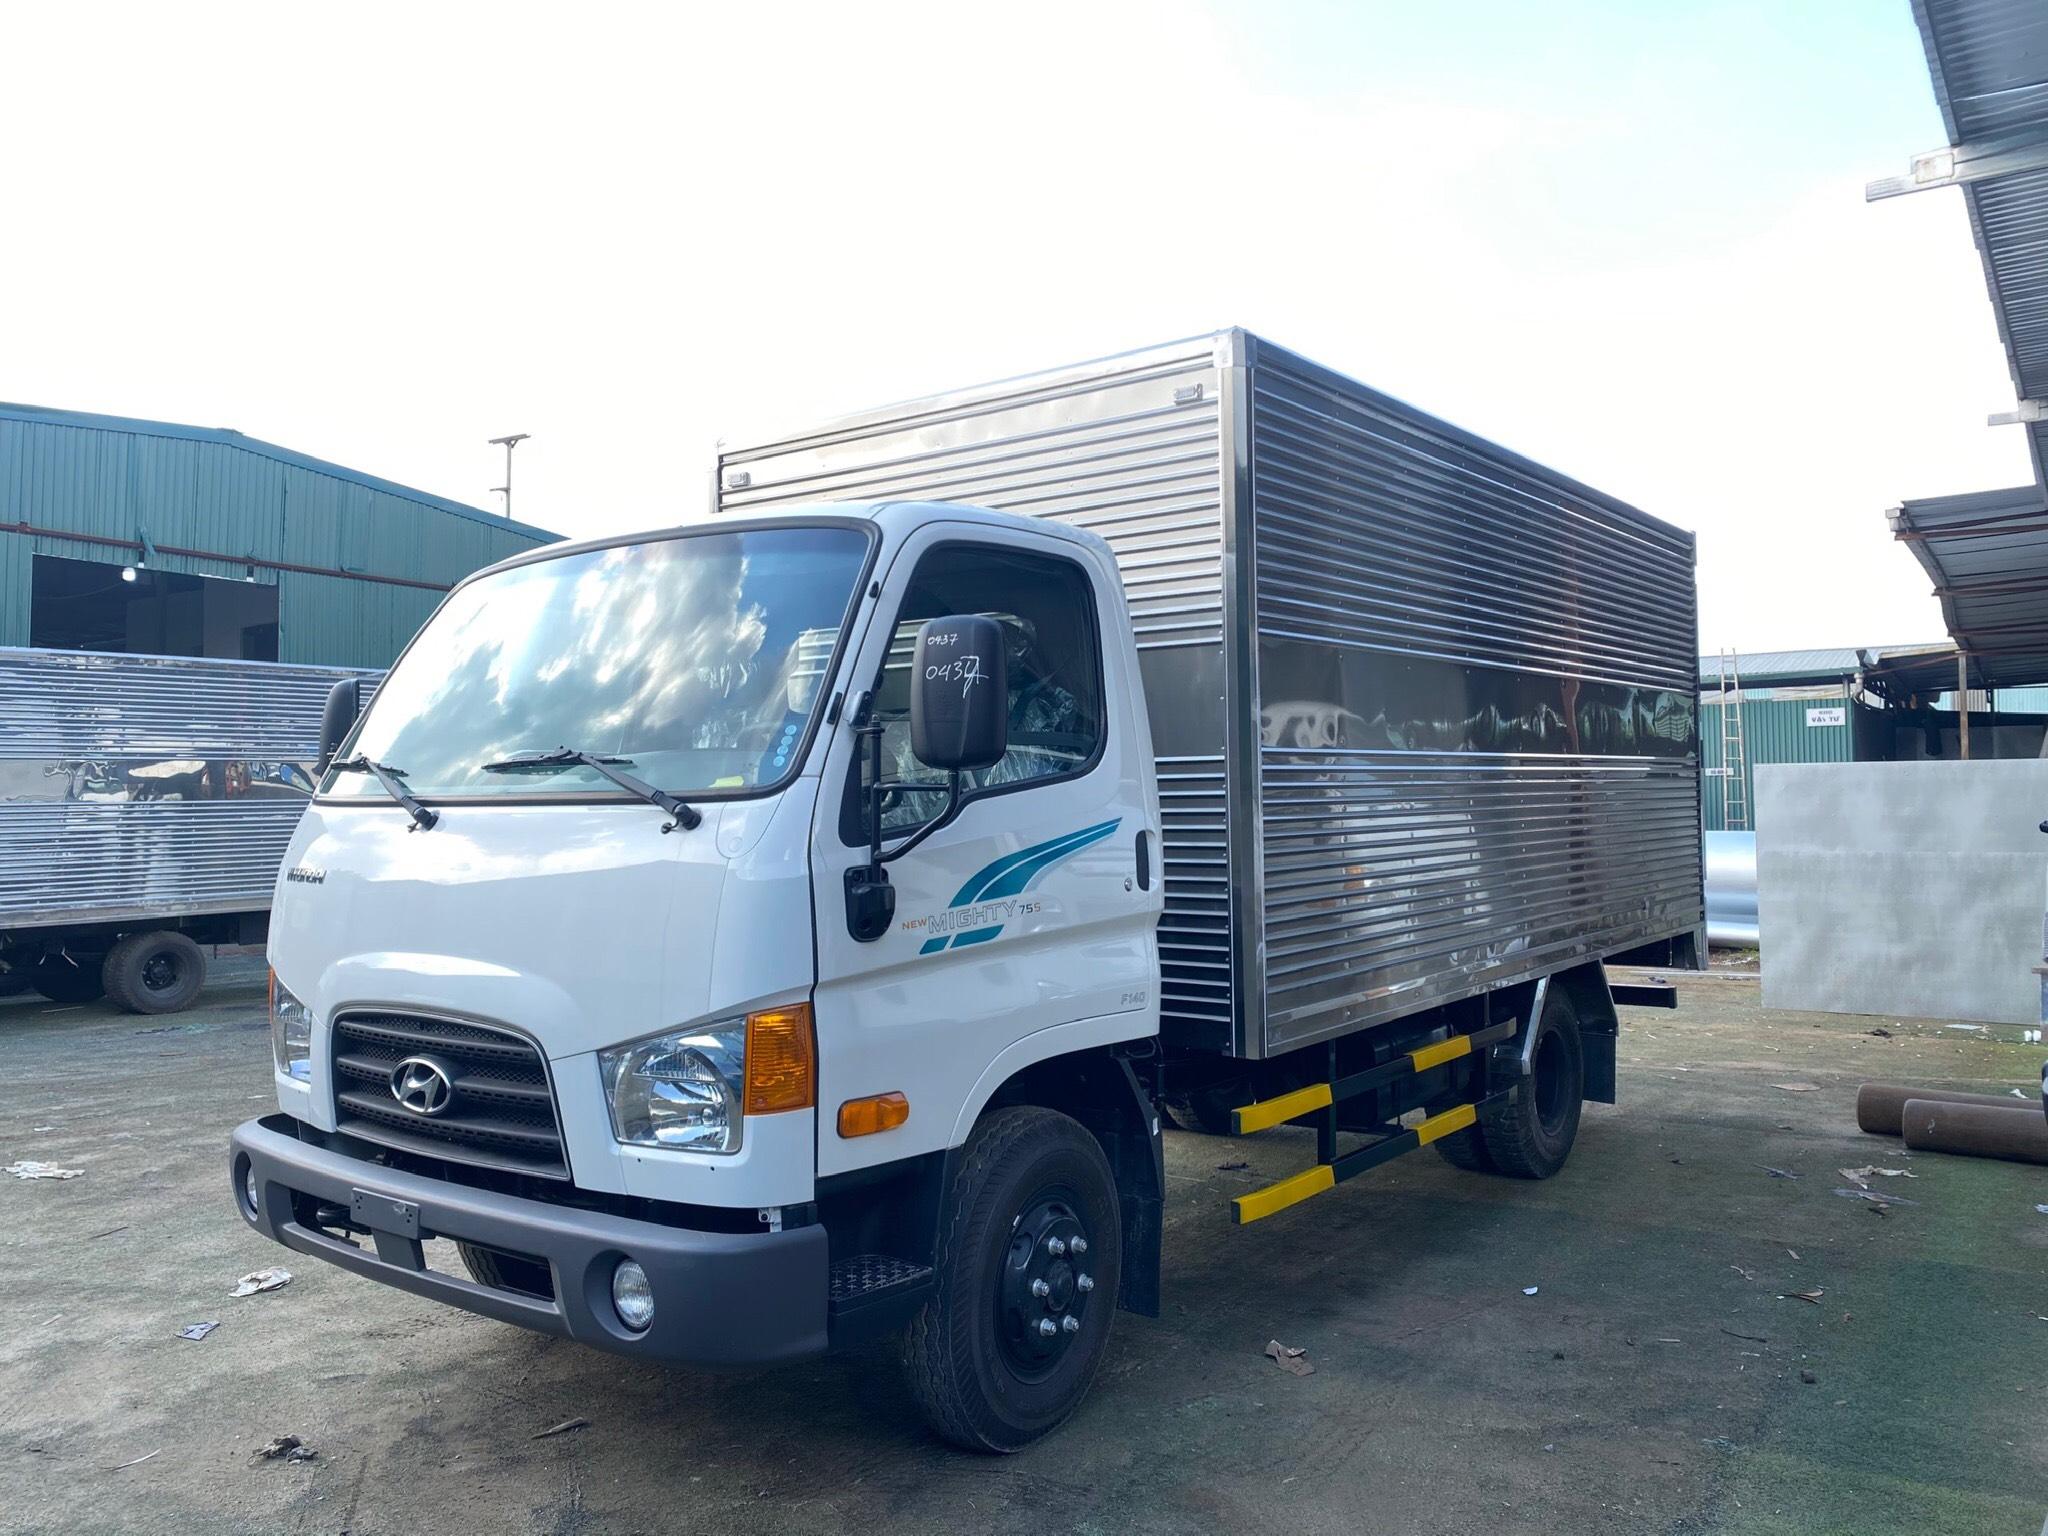 Bán xe tải Hyundai 75S tại Nam Định